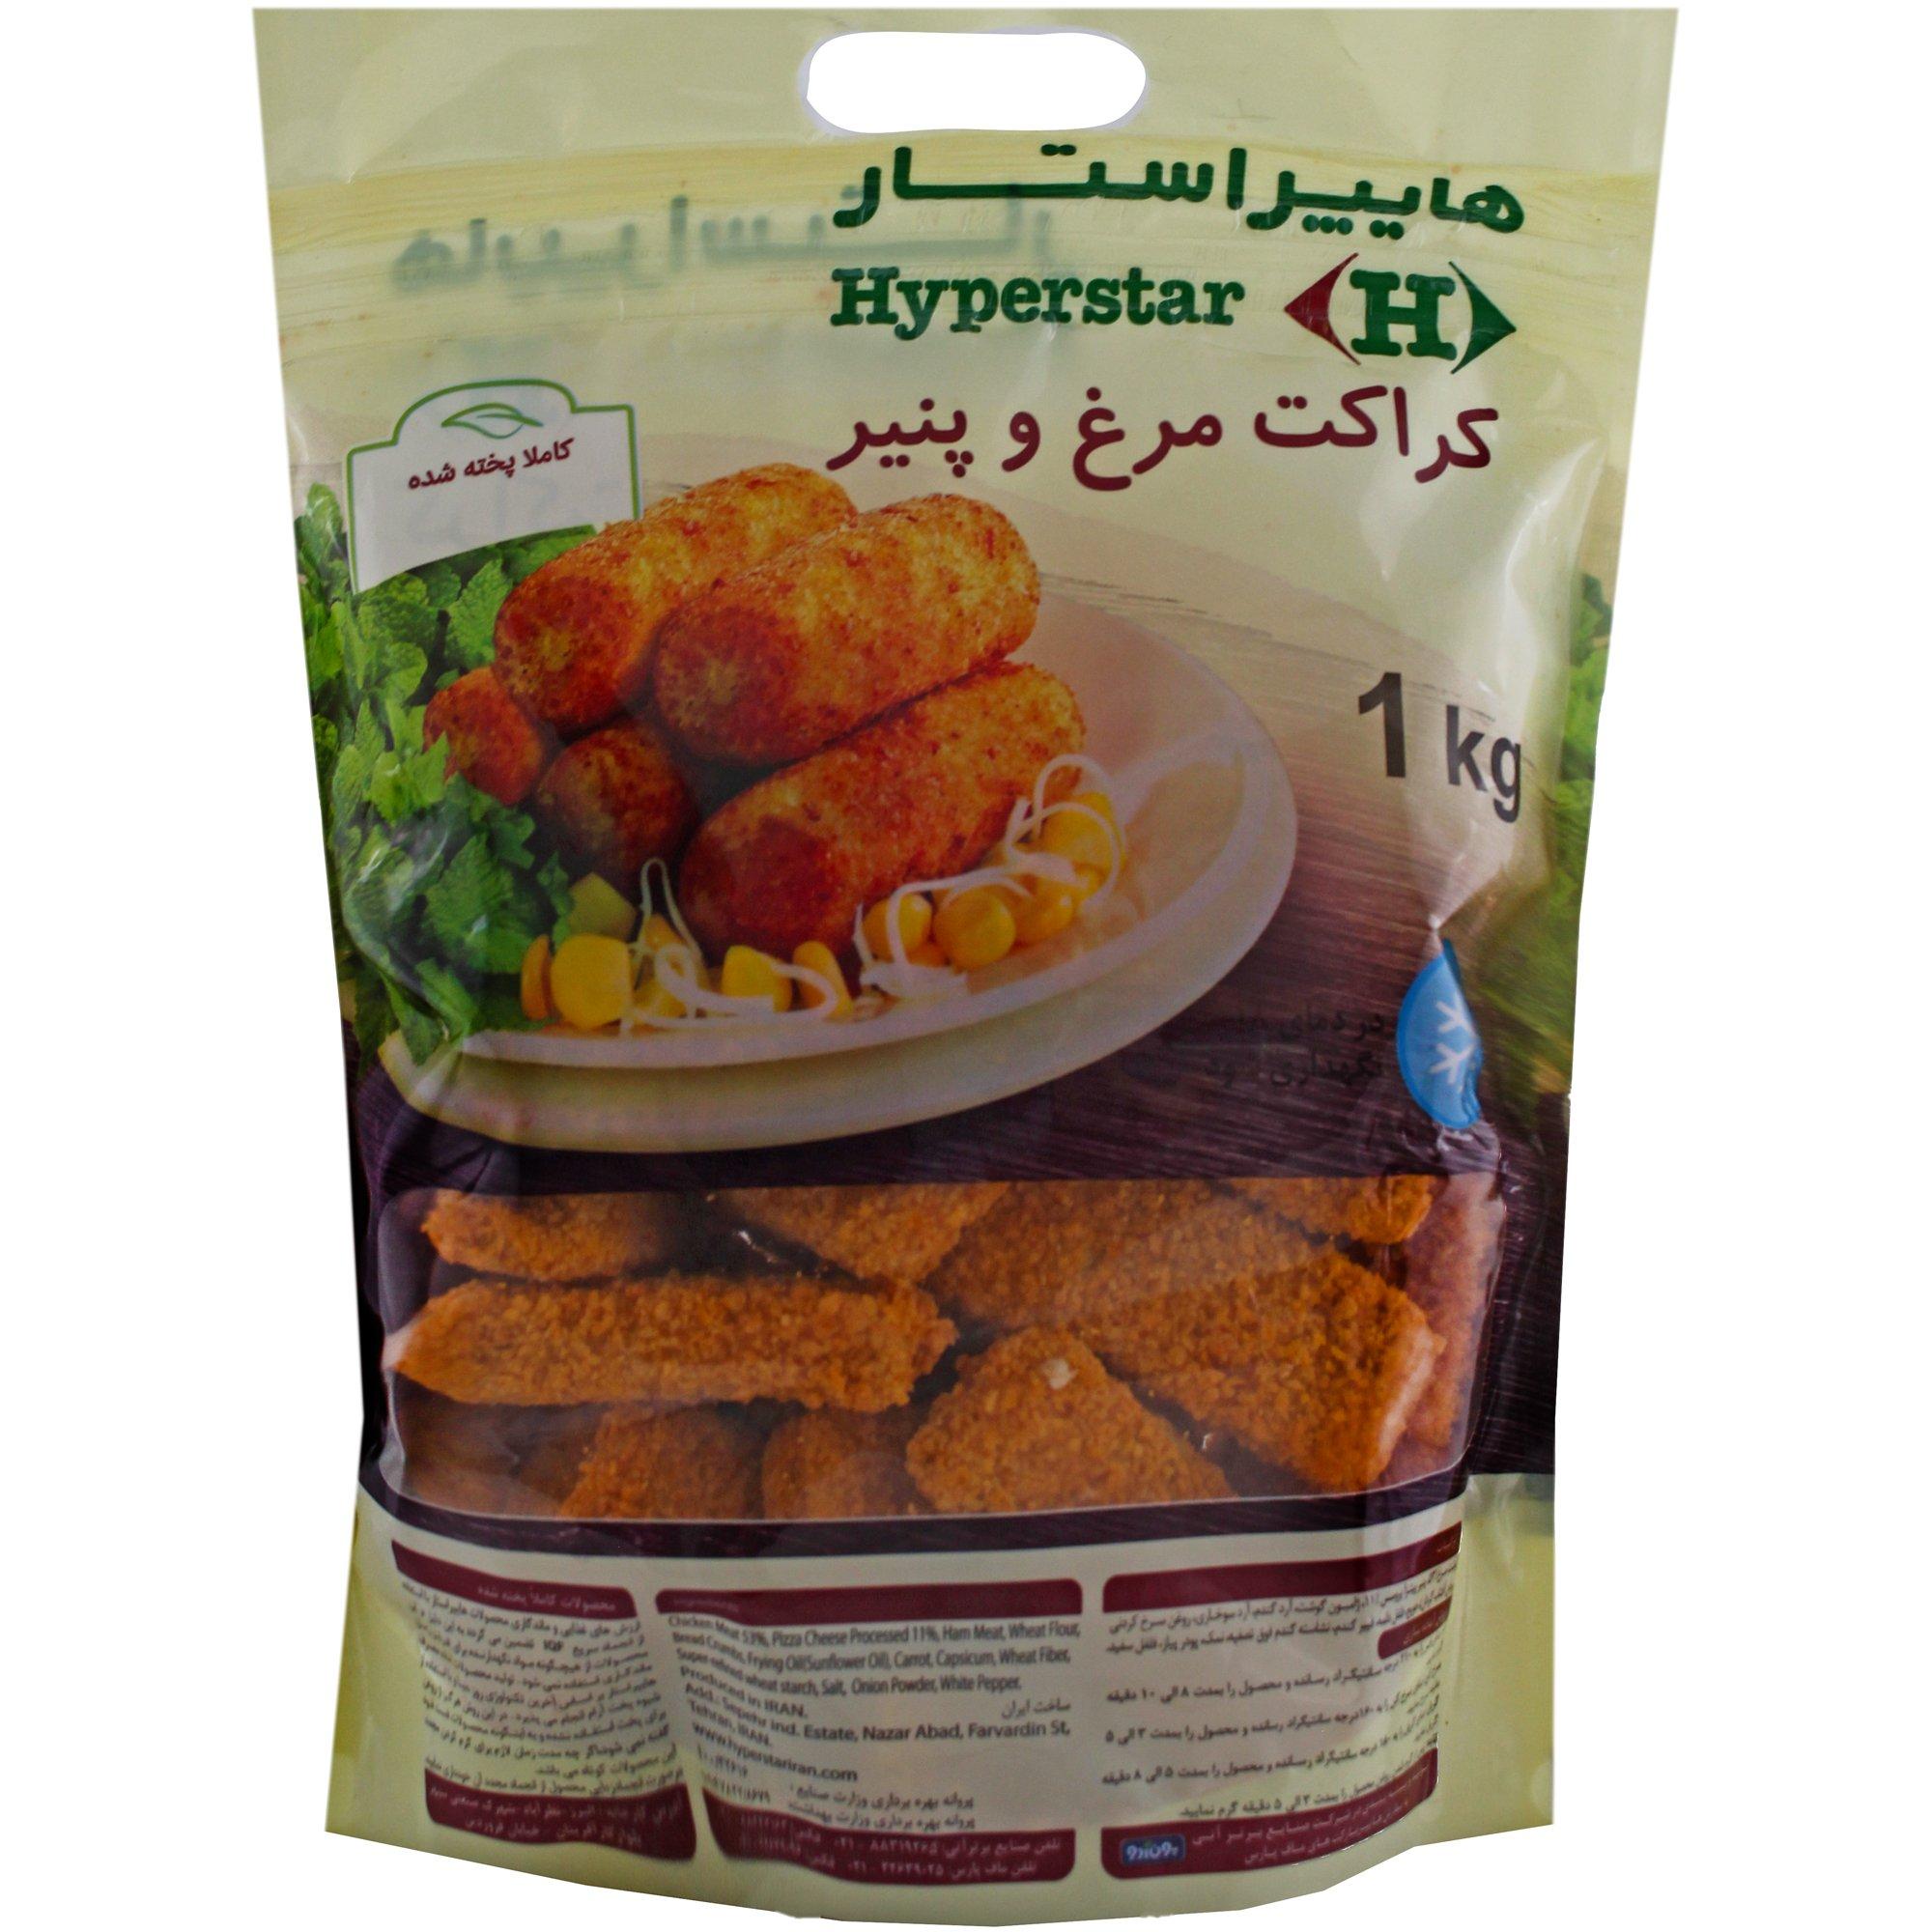 کراکت مرغ و پنیر هایپراستار ۱ کیلوگرمی